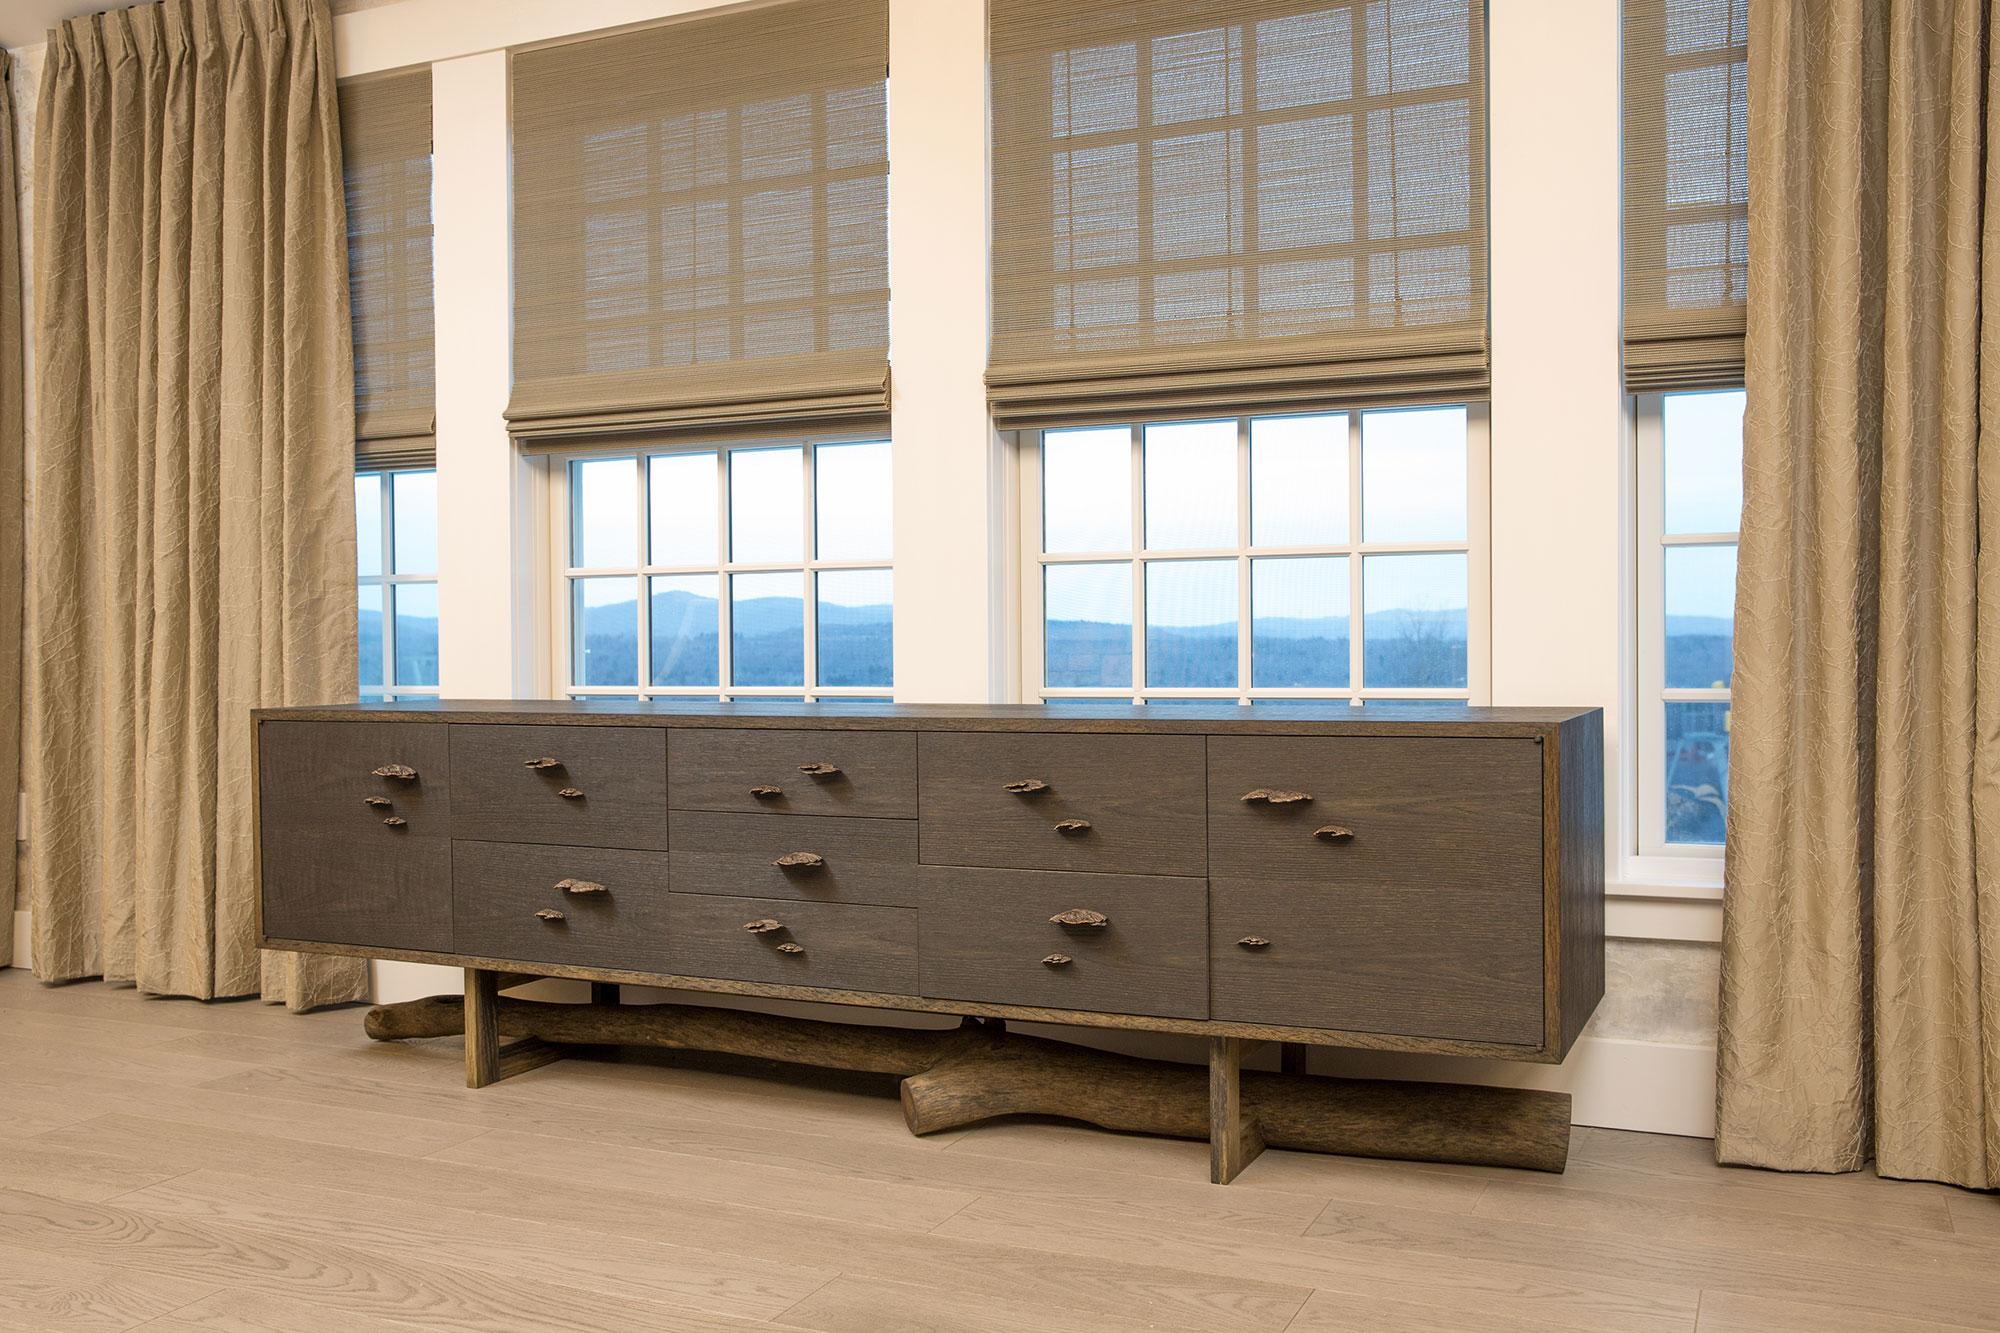 vermont interior design